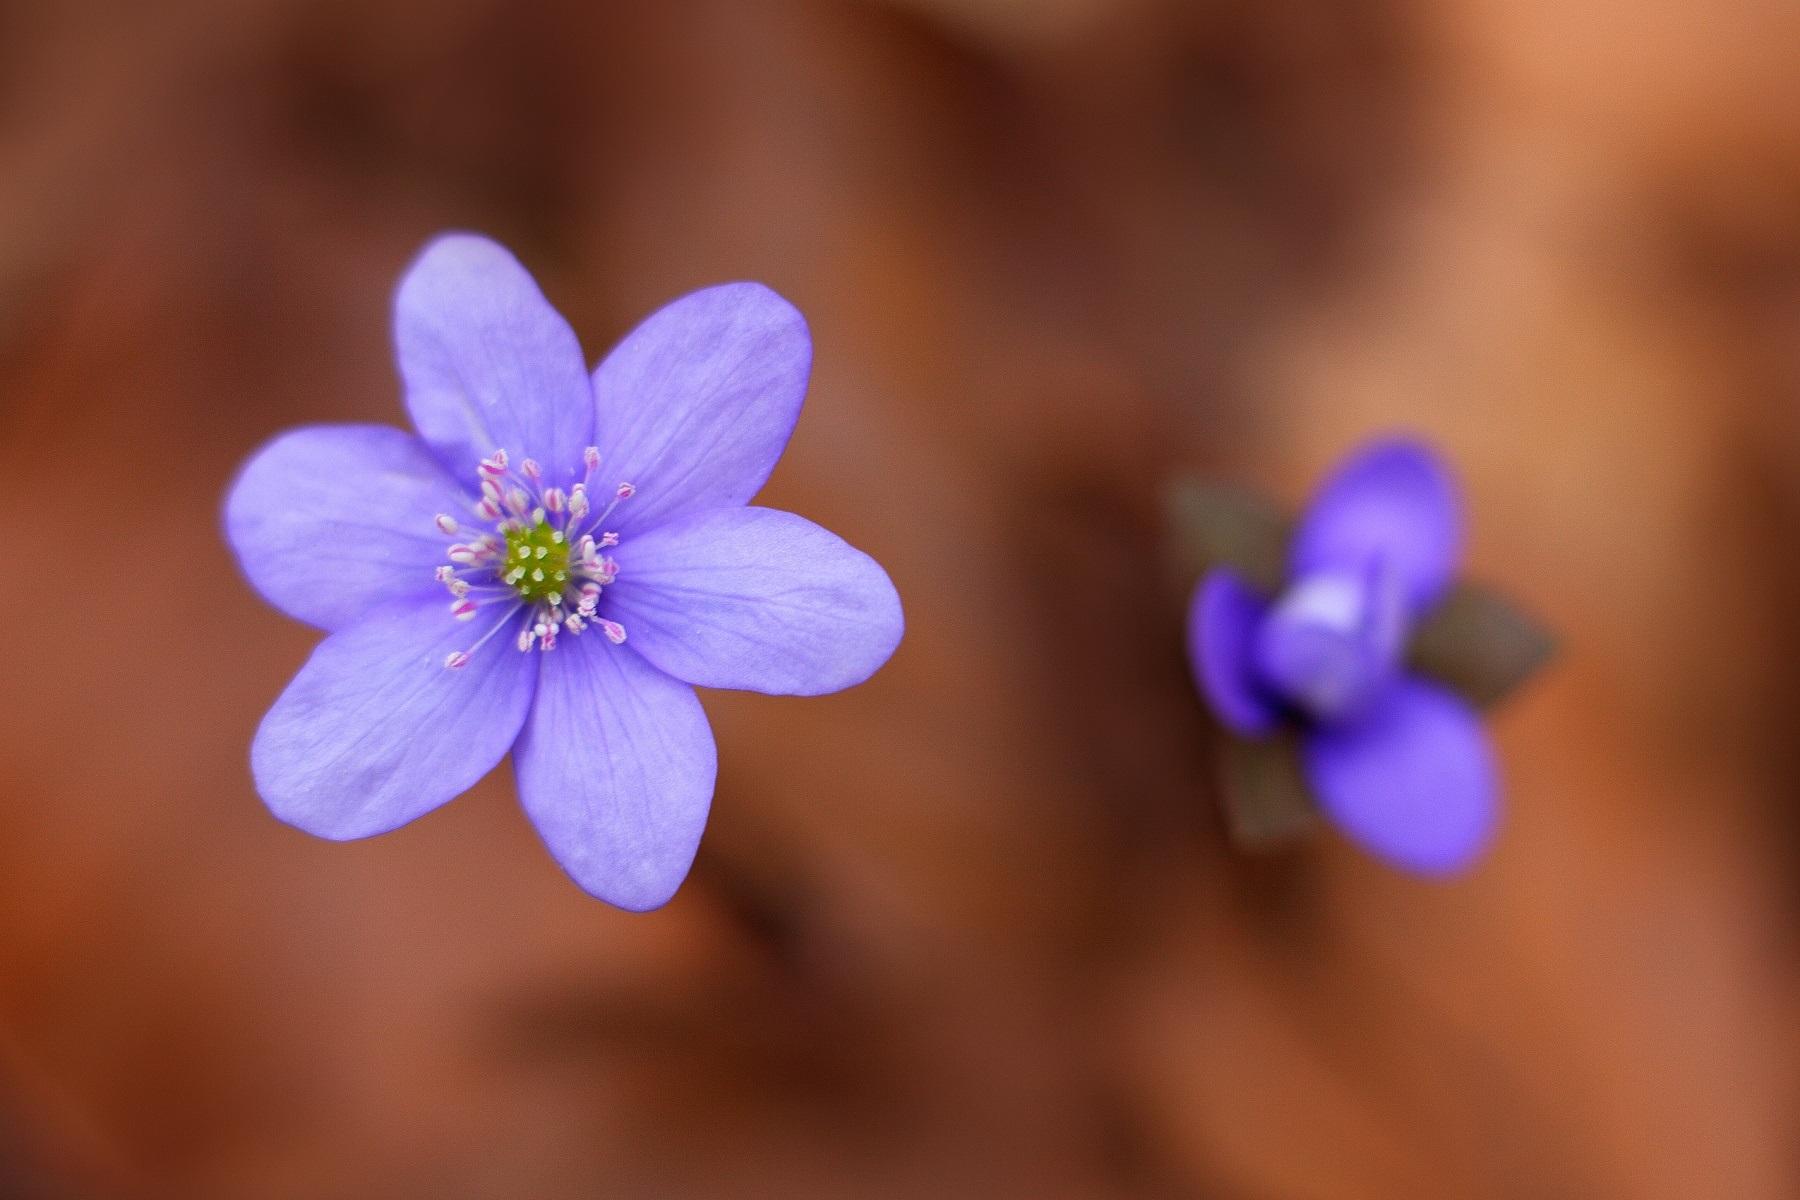 Fotografie pořízena objektivem Canon EF 50 mm f/1.8 STM